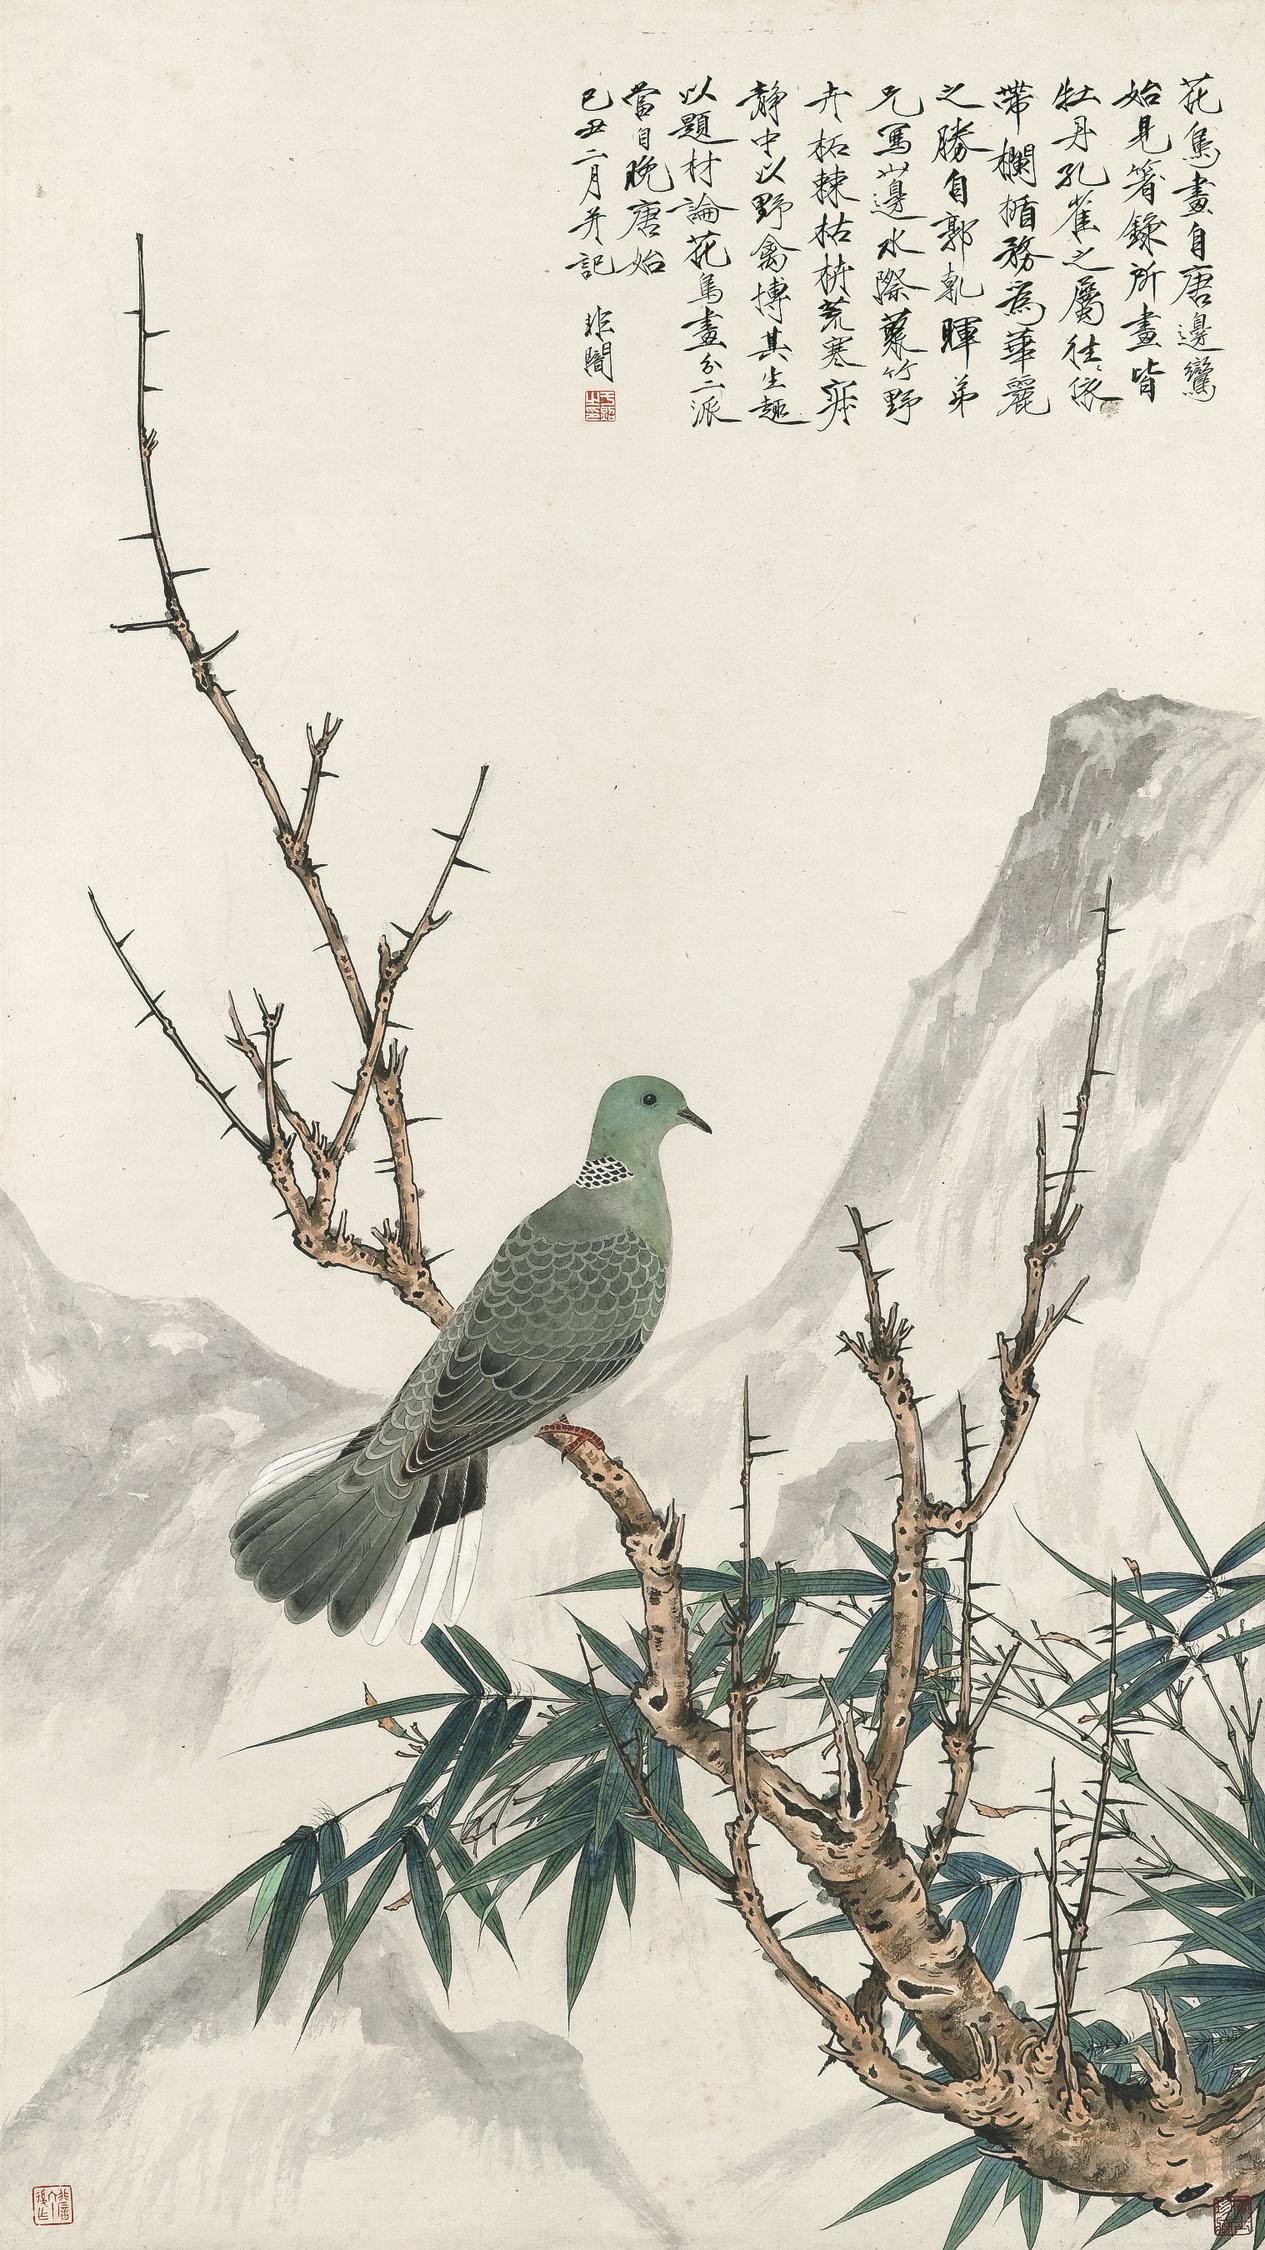 Bamboo and Bird